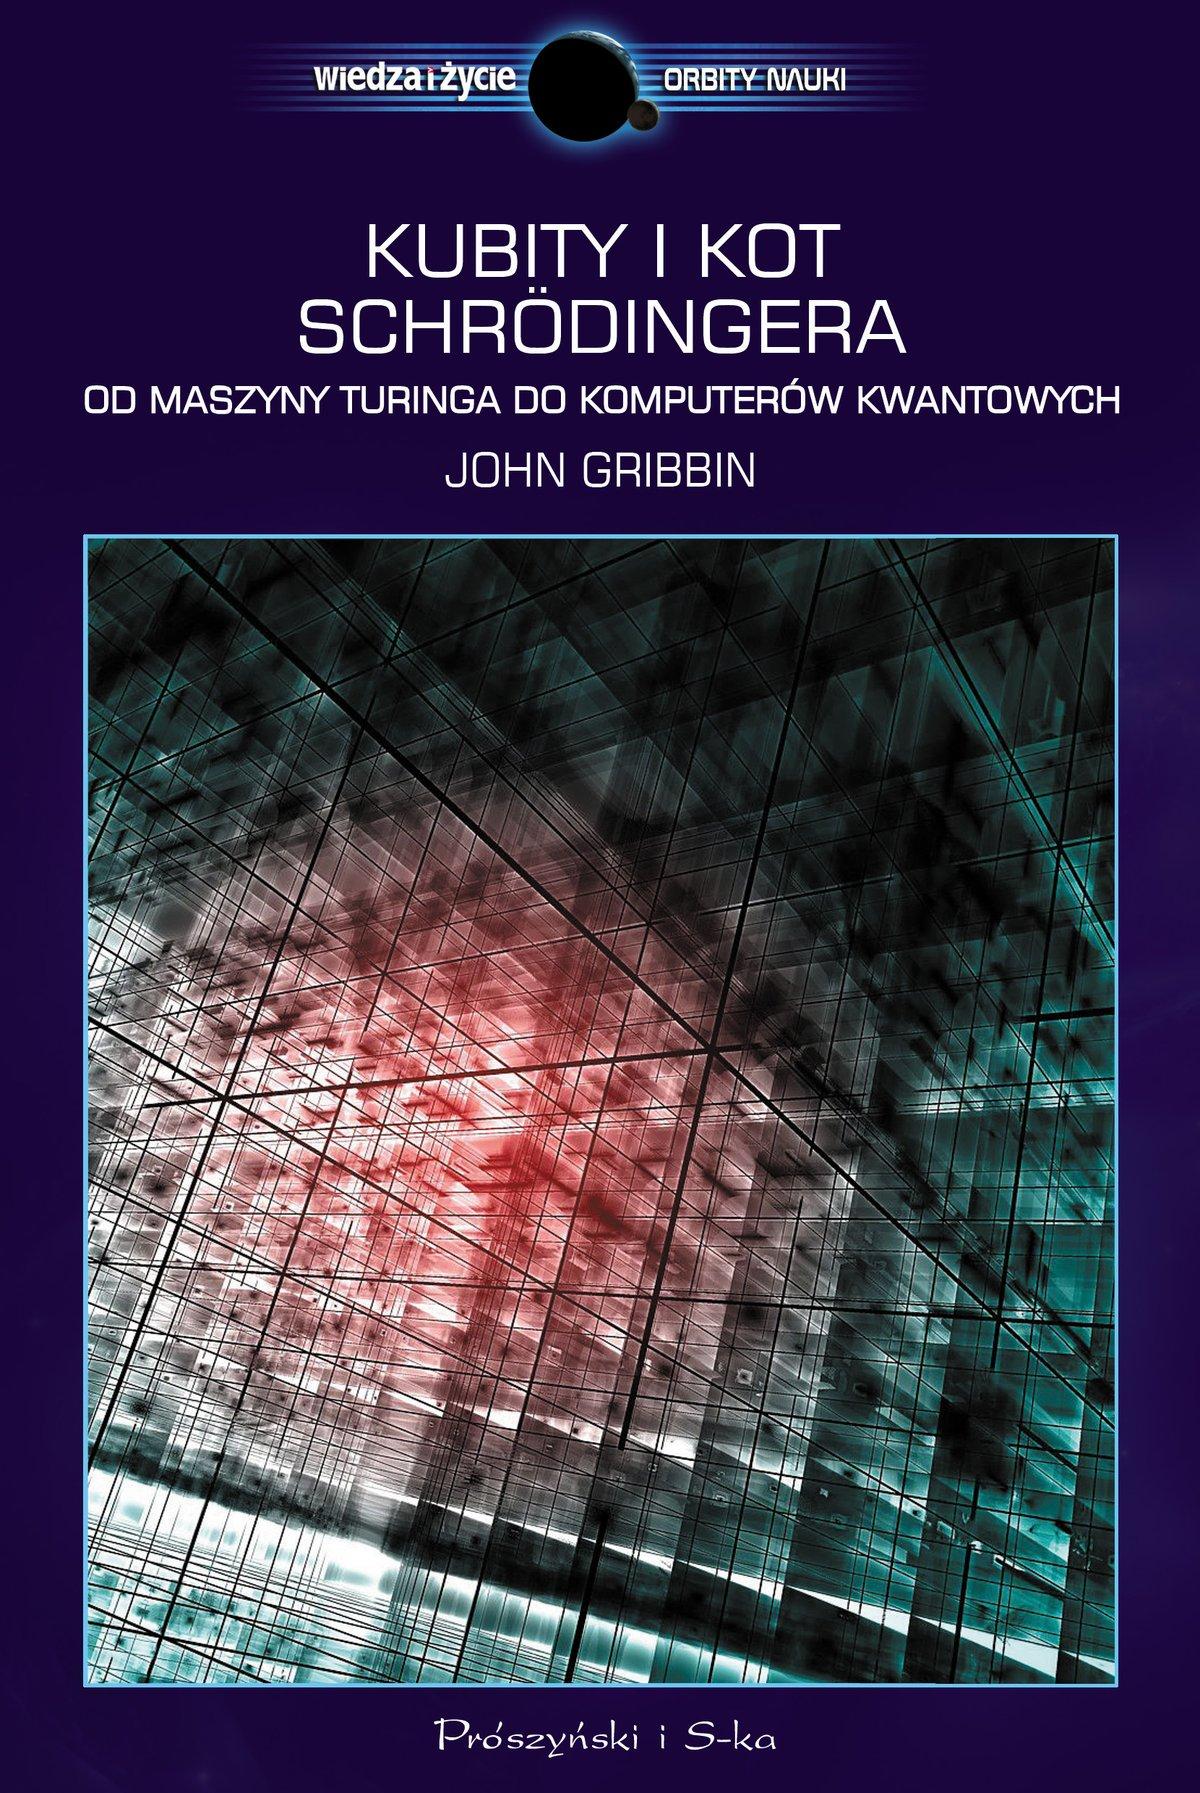 Kubity i kot Schrödingera - Ebook (Książka EPUB) do pobrania w formacie EPUB